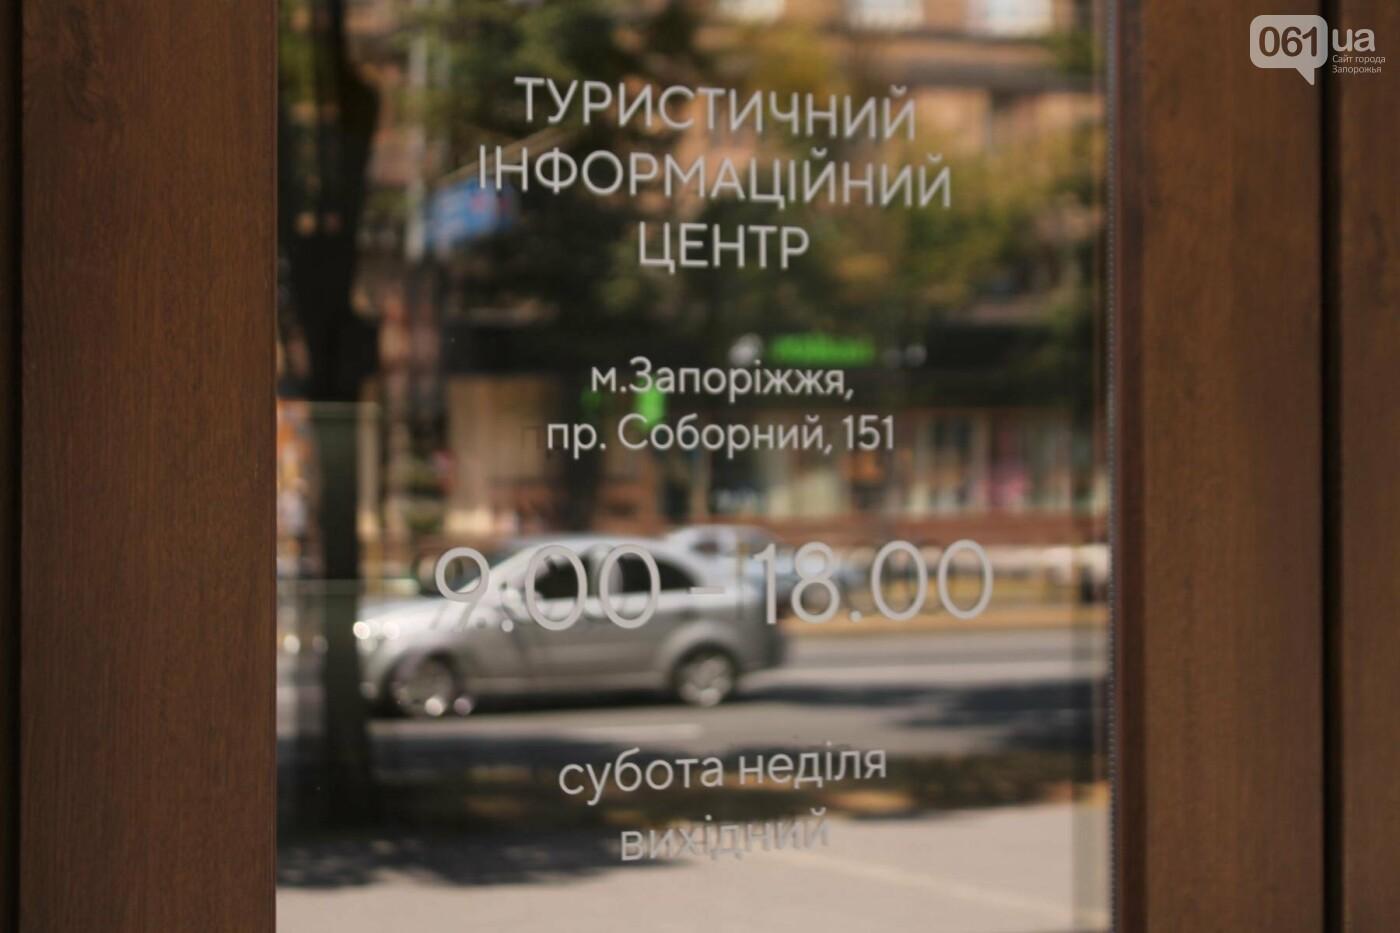 """Тест-драйв запорожского """"Туристического центра"""": ломанный английский, сайт с ошибками и таинственный штат, фото-2"""